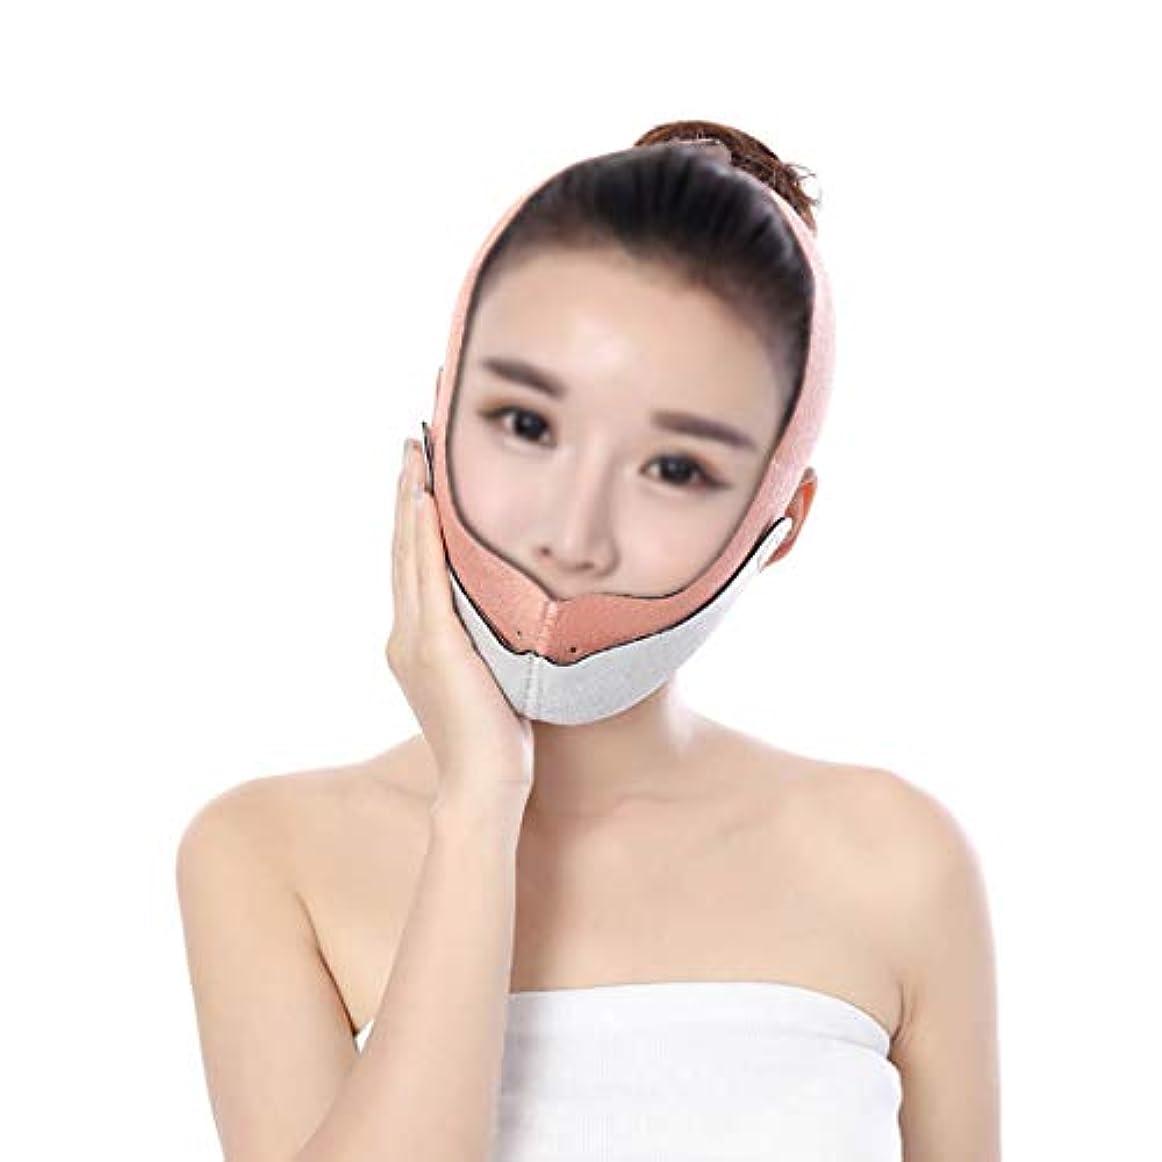 志すに白内障TLMY ファーミングマスク薄い顔アーティファクト補正フェイスリフティングアンチたるみ包帯美容マスクマスクVフェイスクロスツール 顔用整形マスク